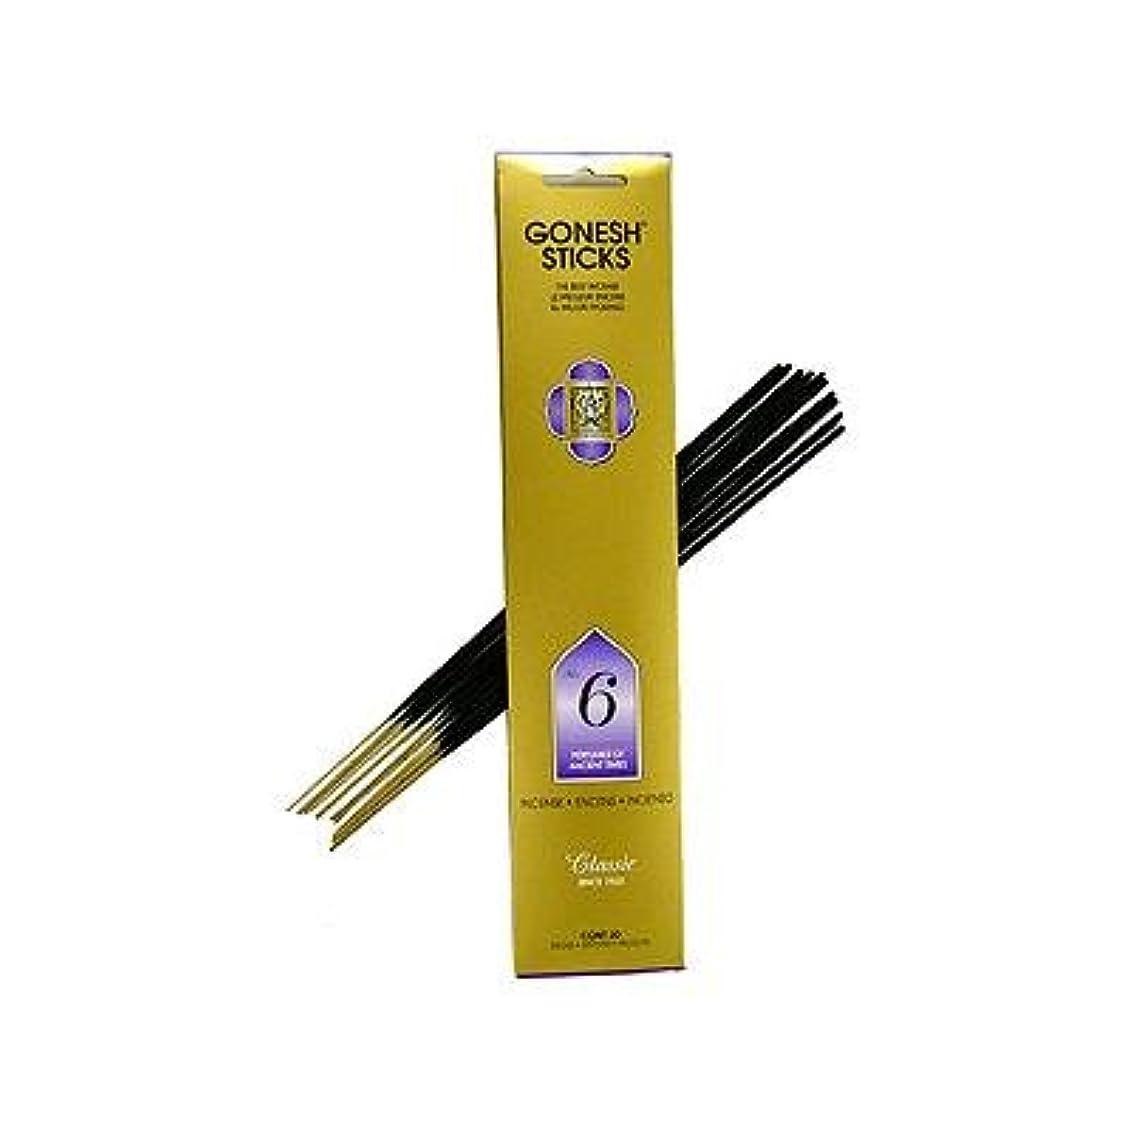 戦い料理まとめるGonesh ~ No. 6 (Perfumes of Ancient Times) ~ Incense Sticks ~ Pack of 4 by Gonesh [並行輸入品]